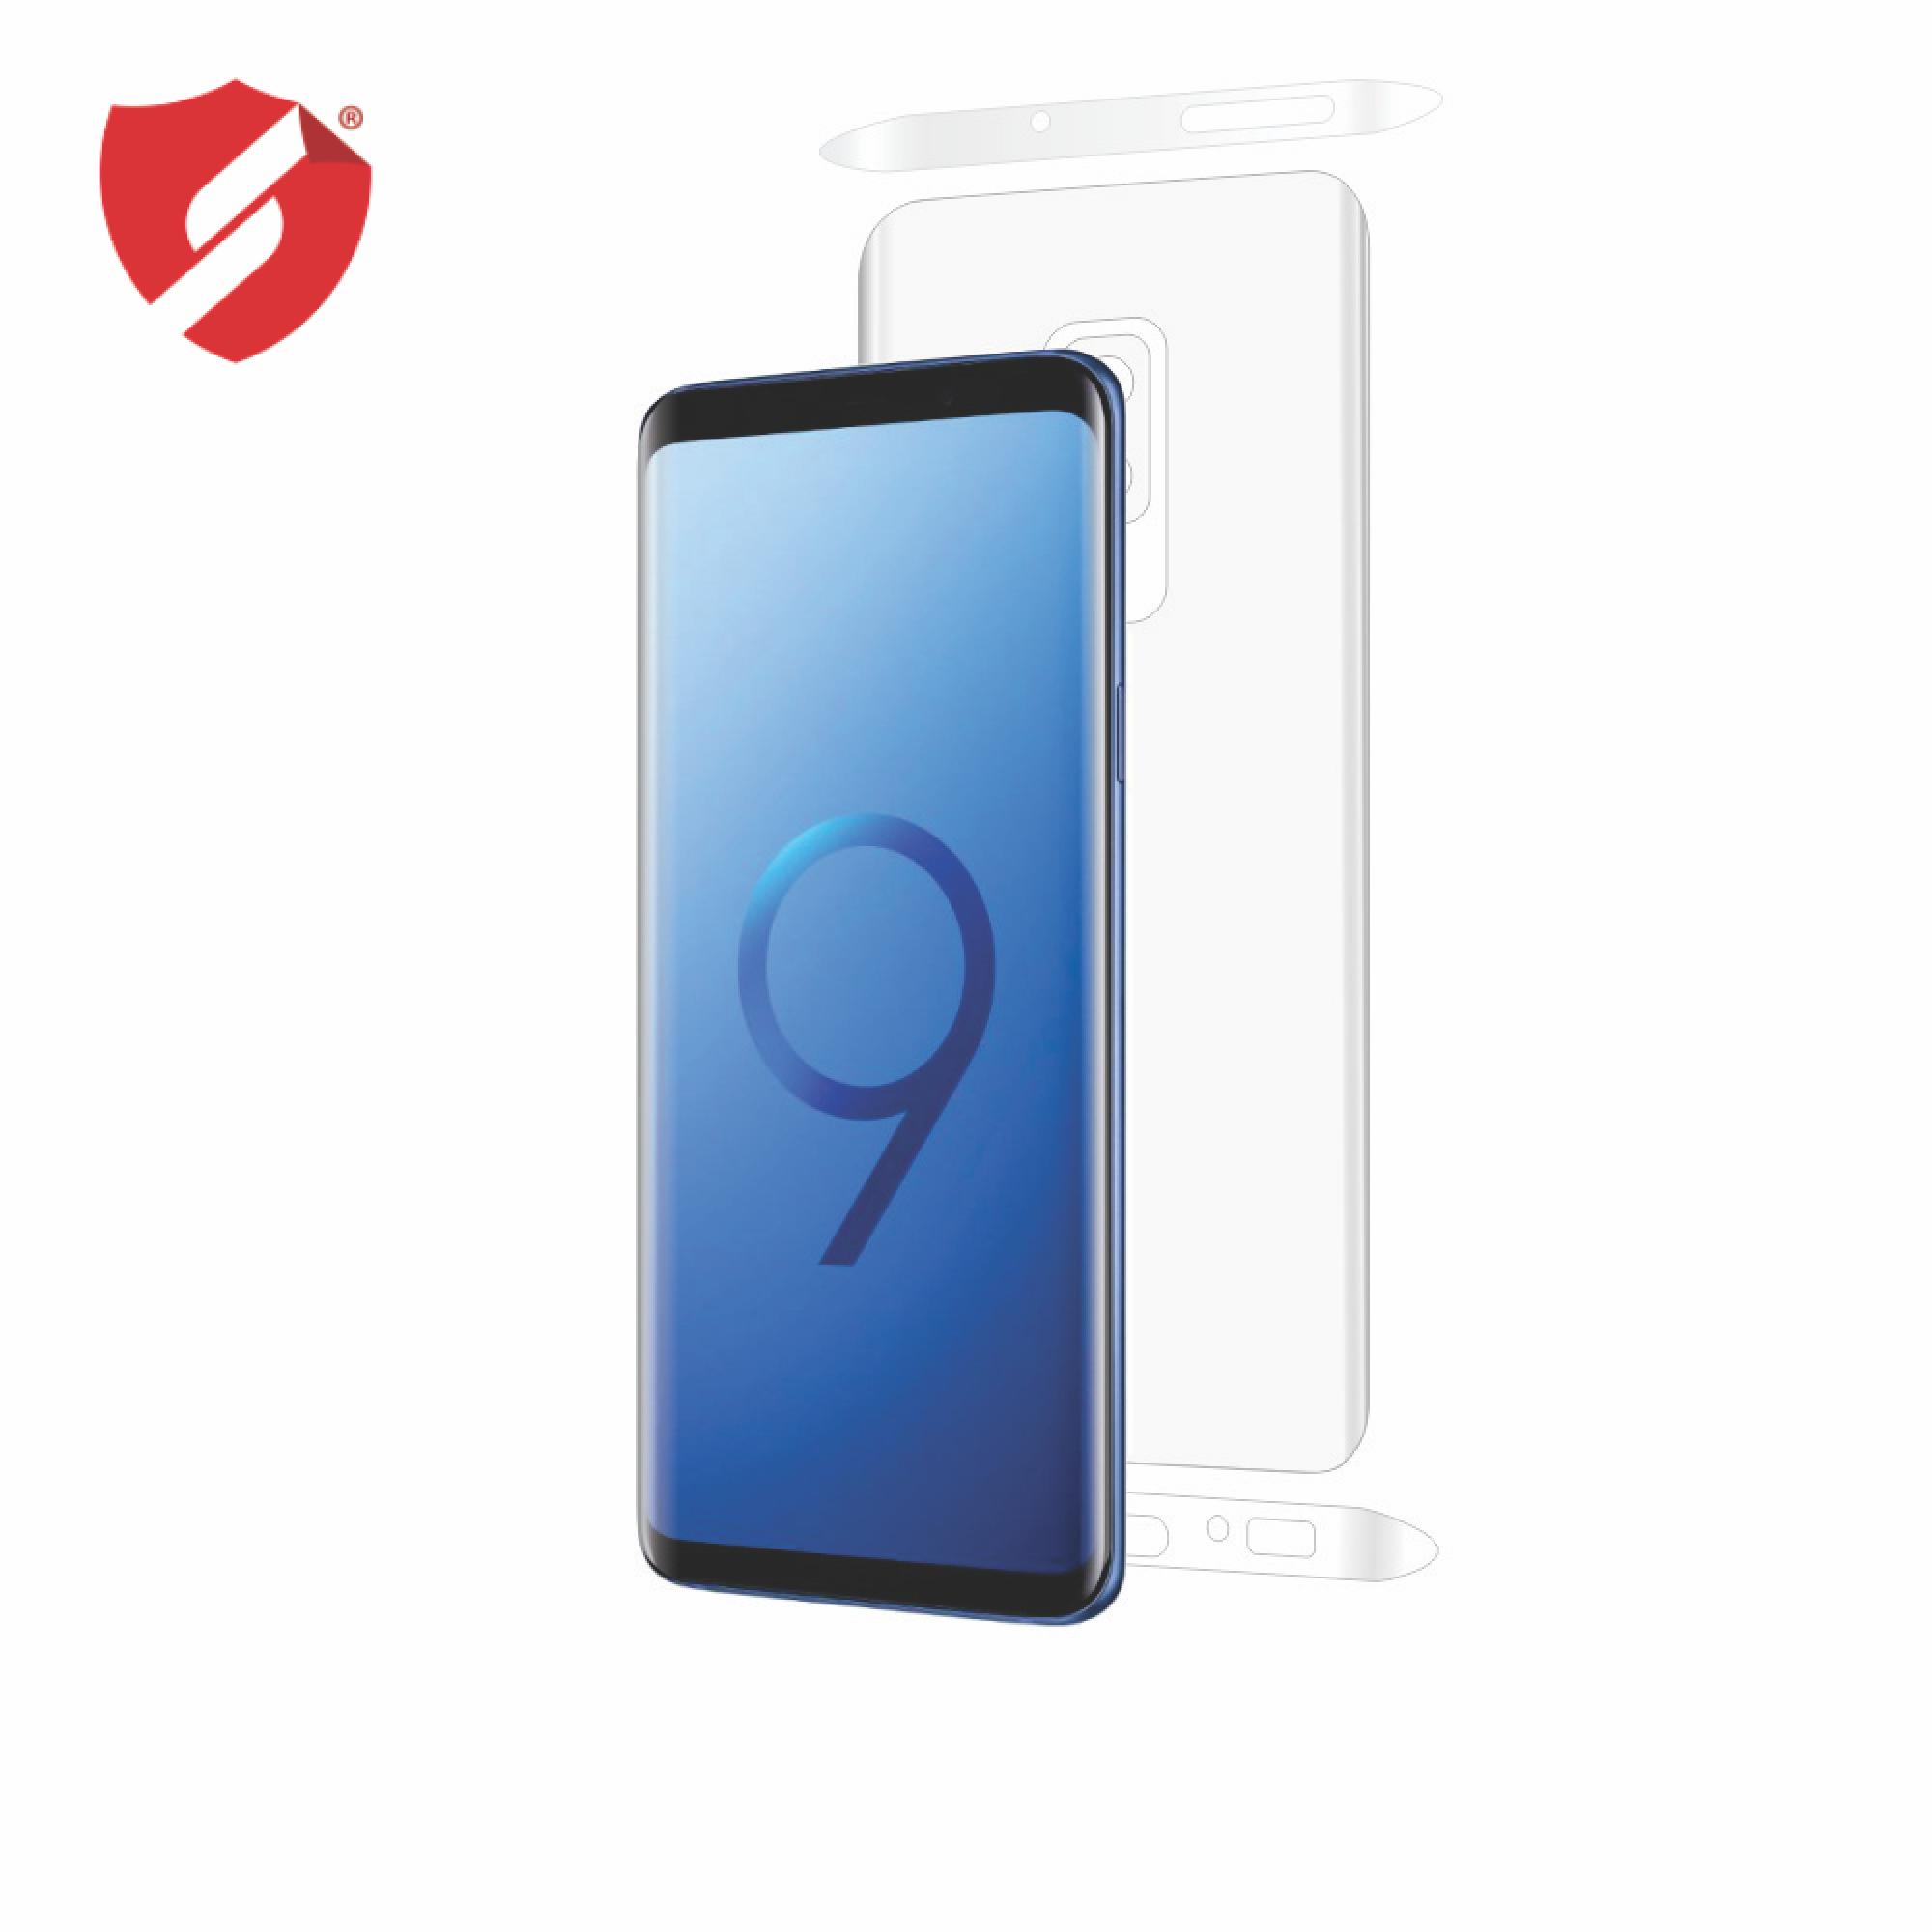 Folie de protectie Smart Protection Samsung Galaxy S9 Plus compatibila cu carcasa Samsung Silicone Cover - doar-spate+laterale imagine